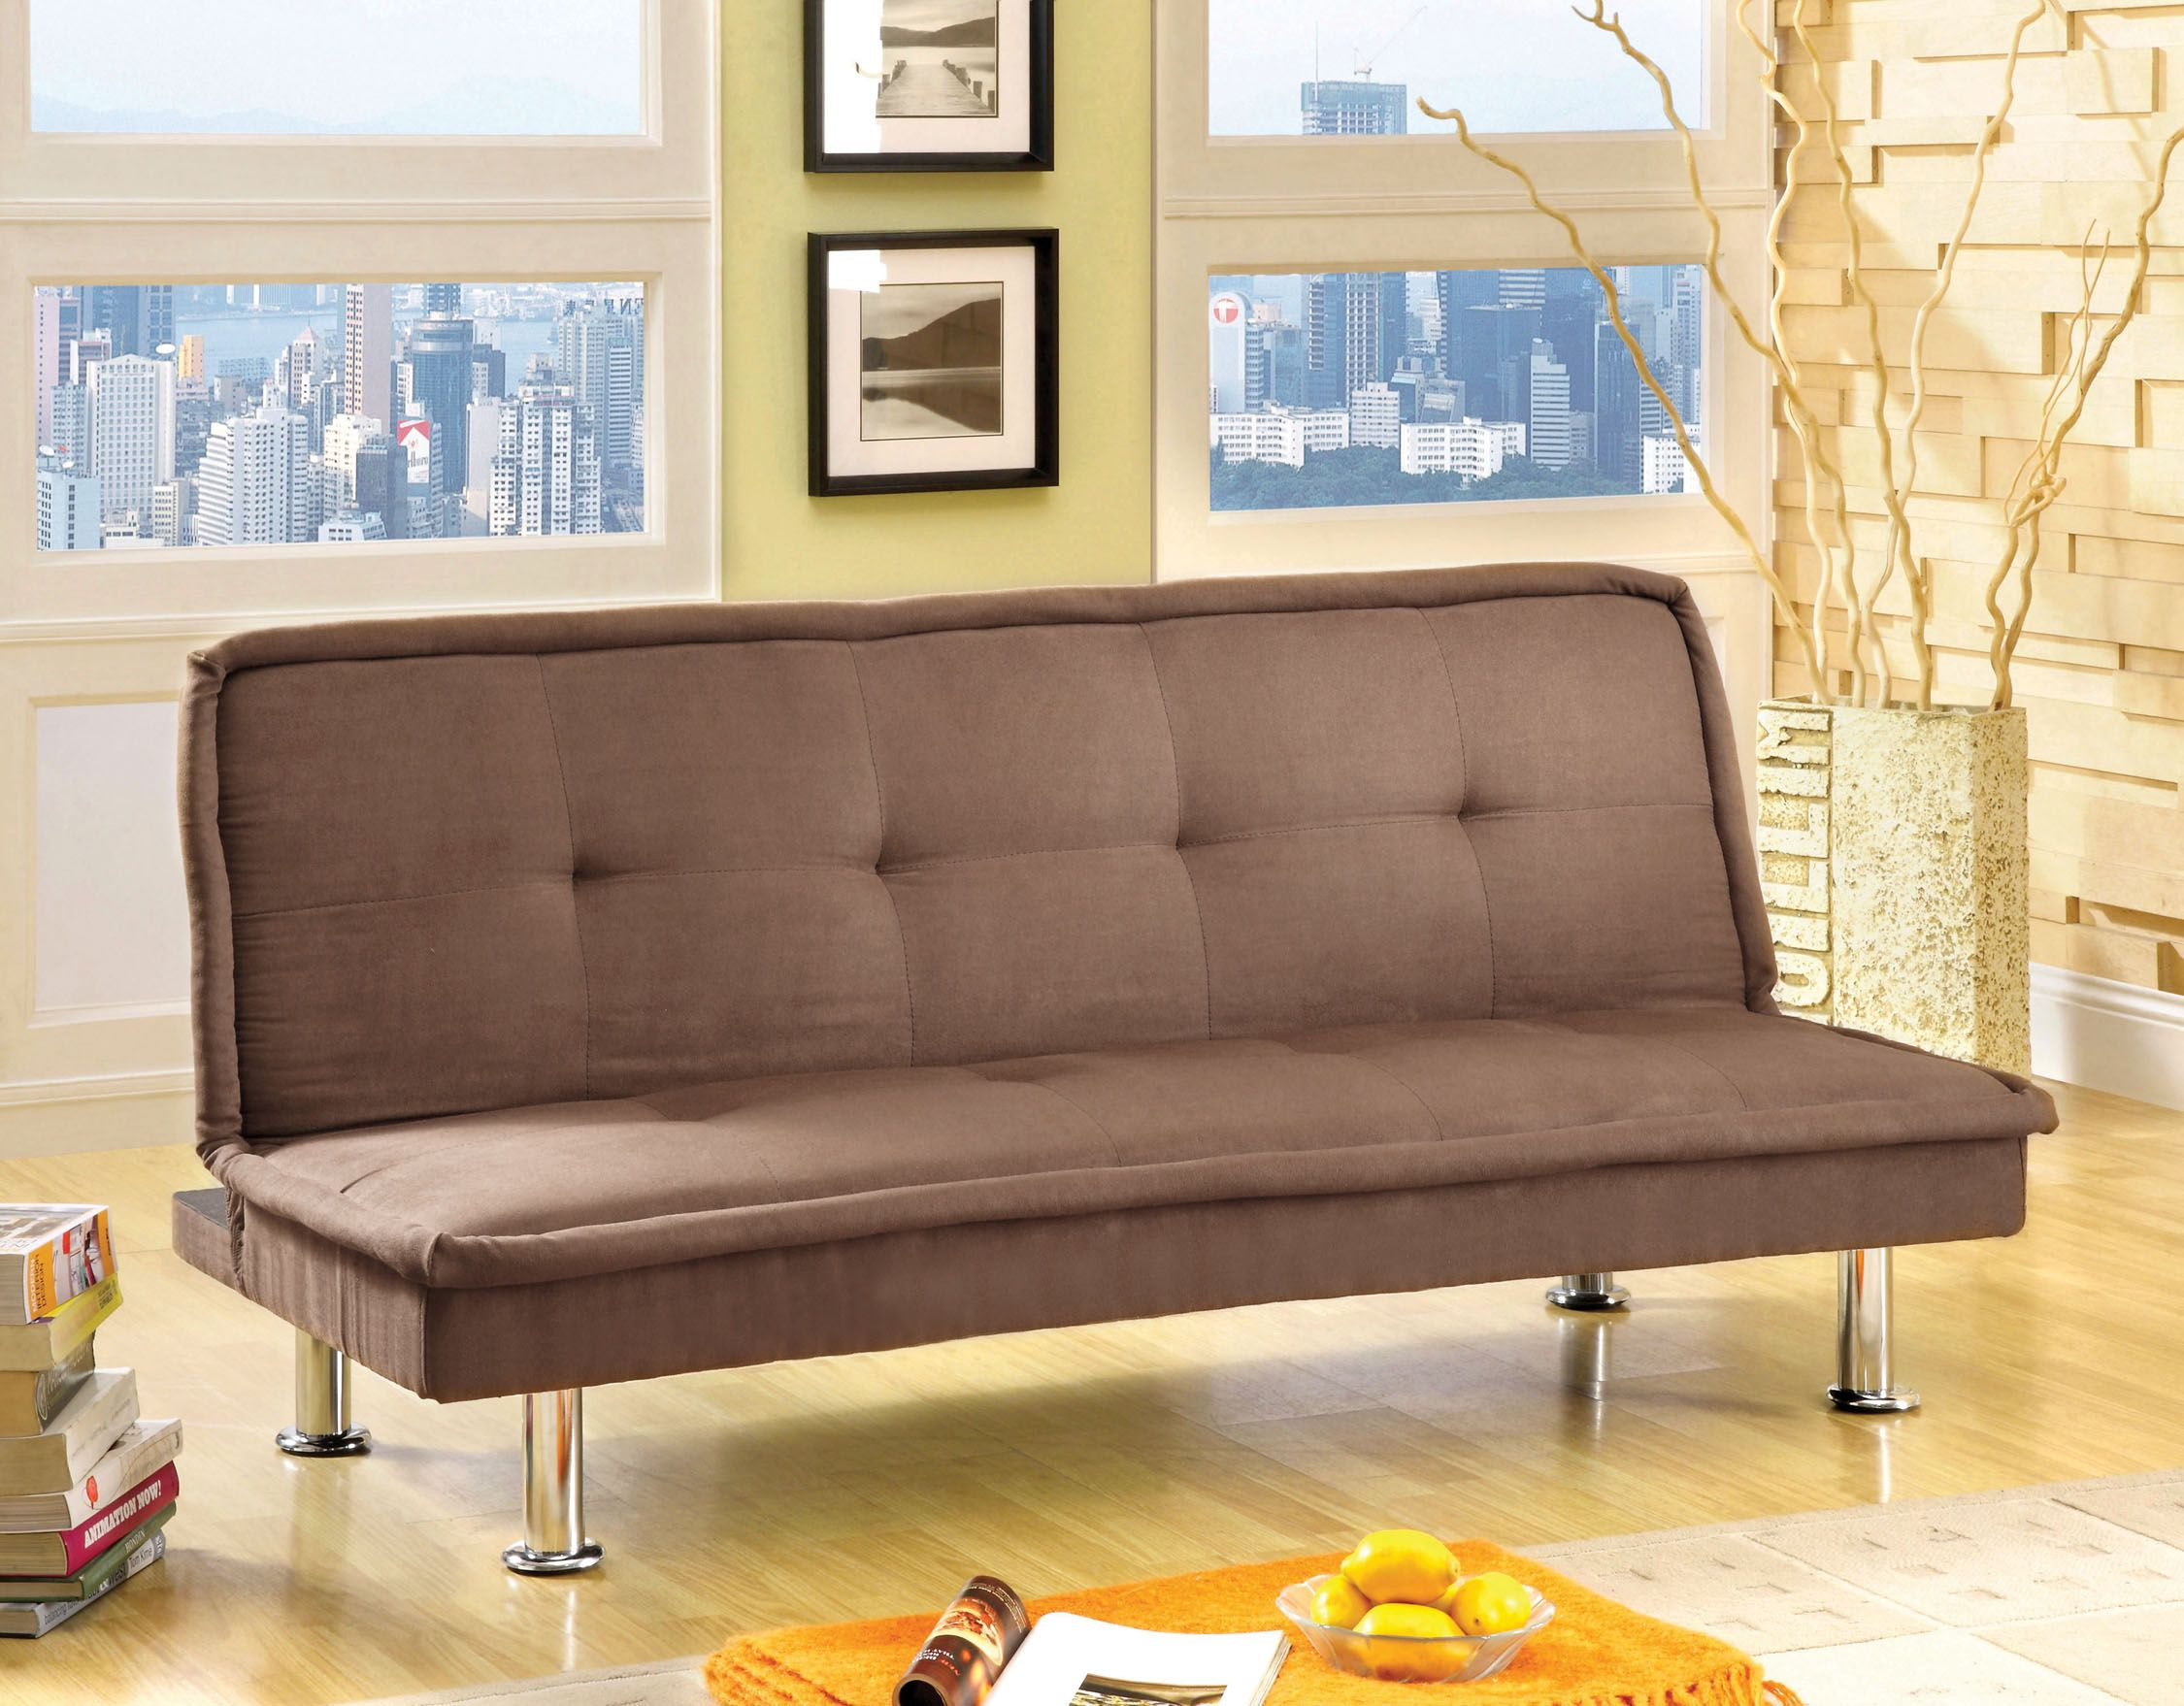 furniture of america adak padded microfiber futon sofa brown furniture of america adak padded microfiber futon sofa brown      rh   pinterest